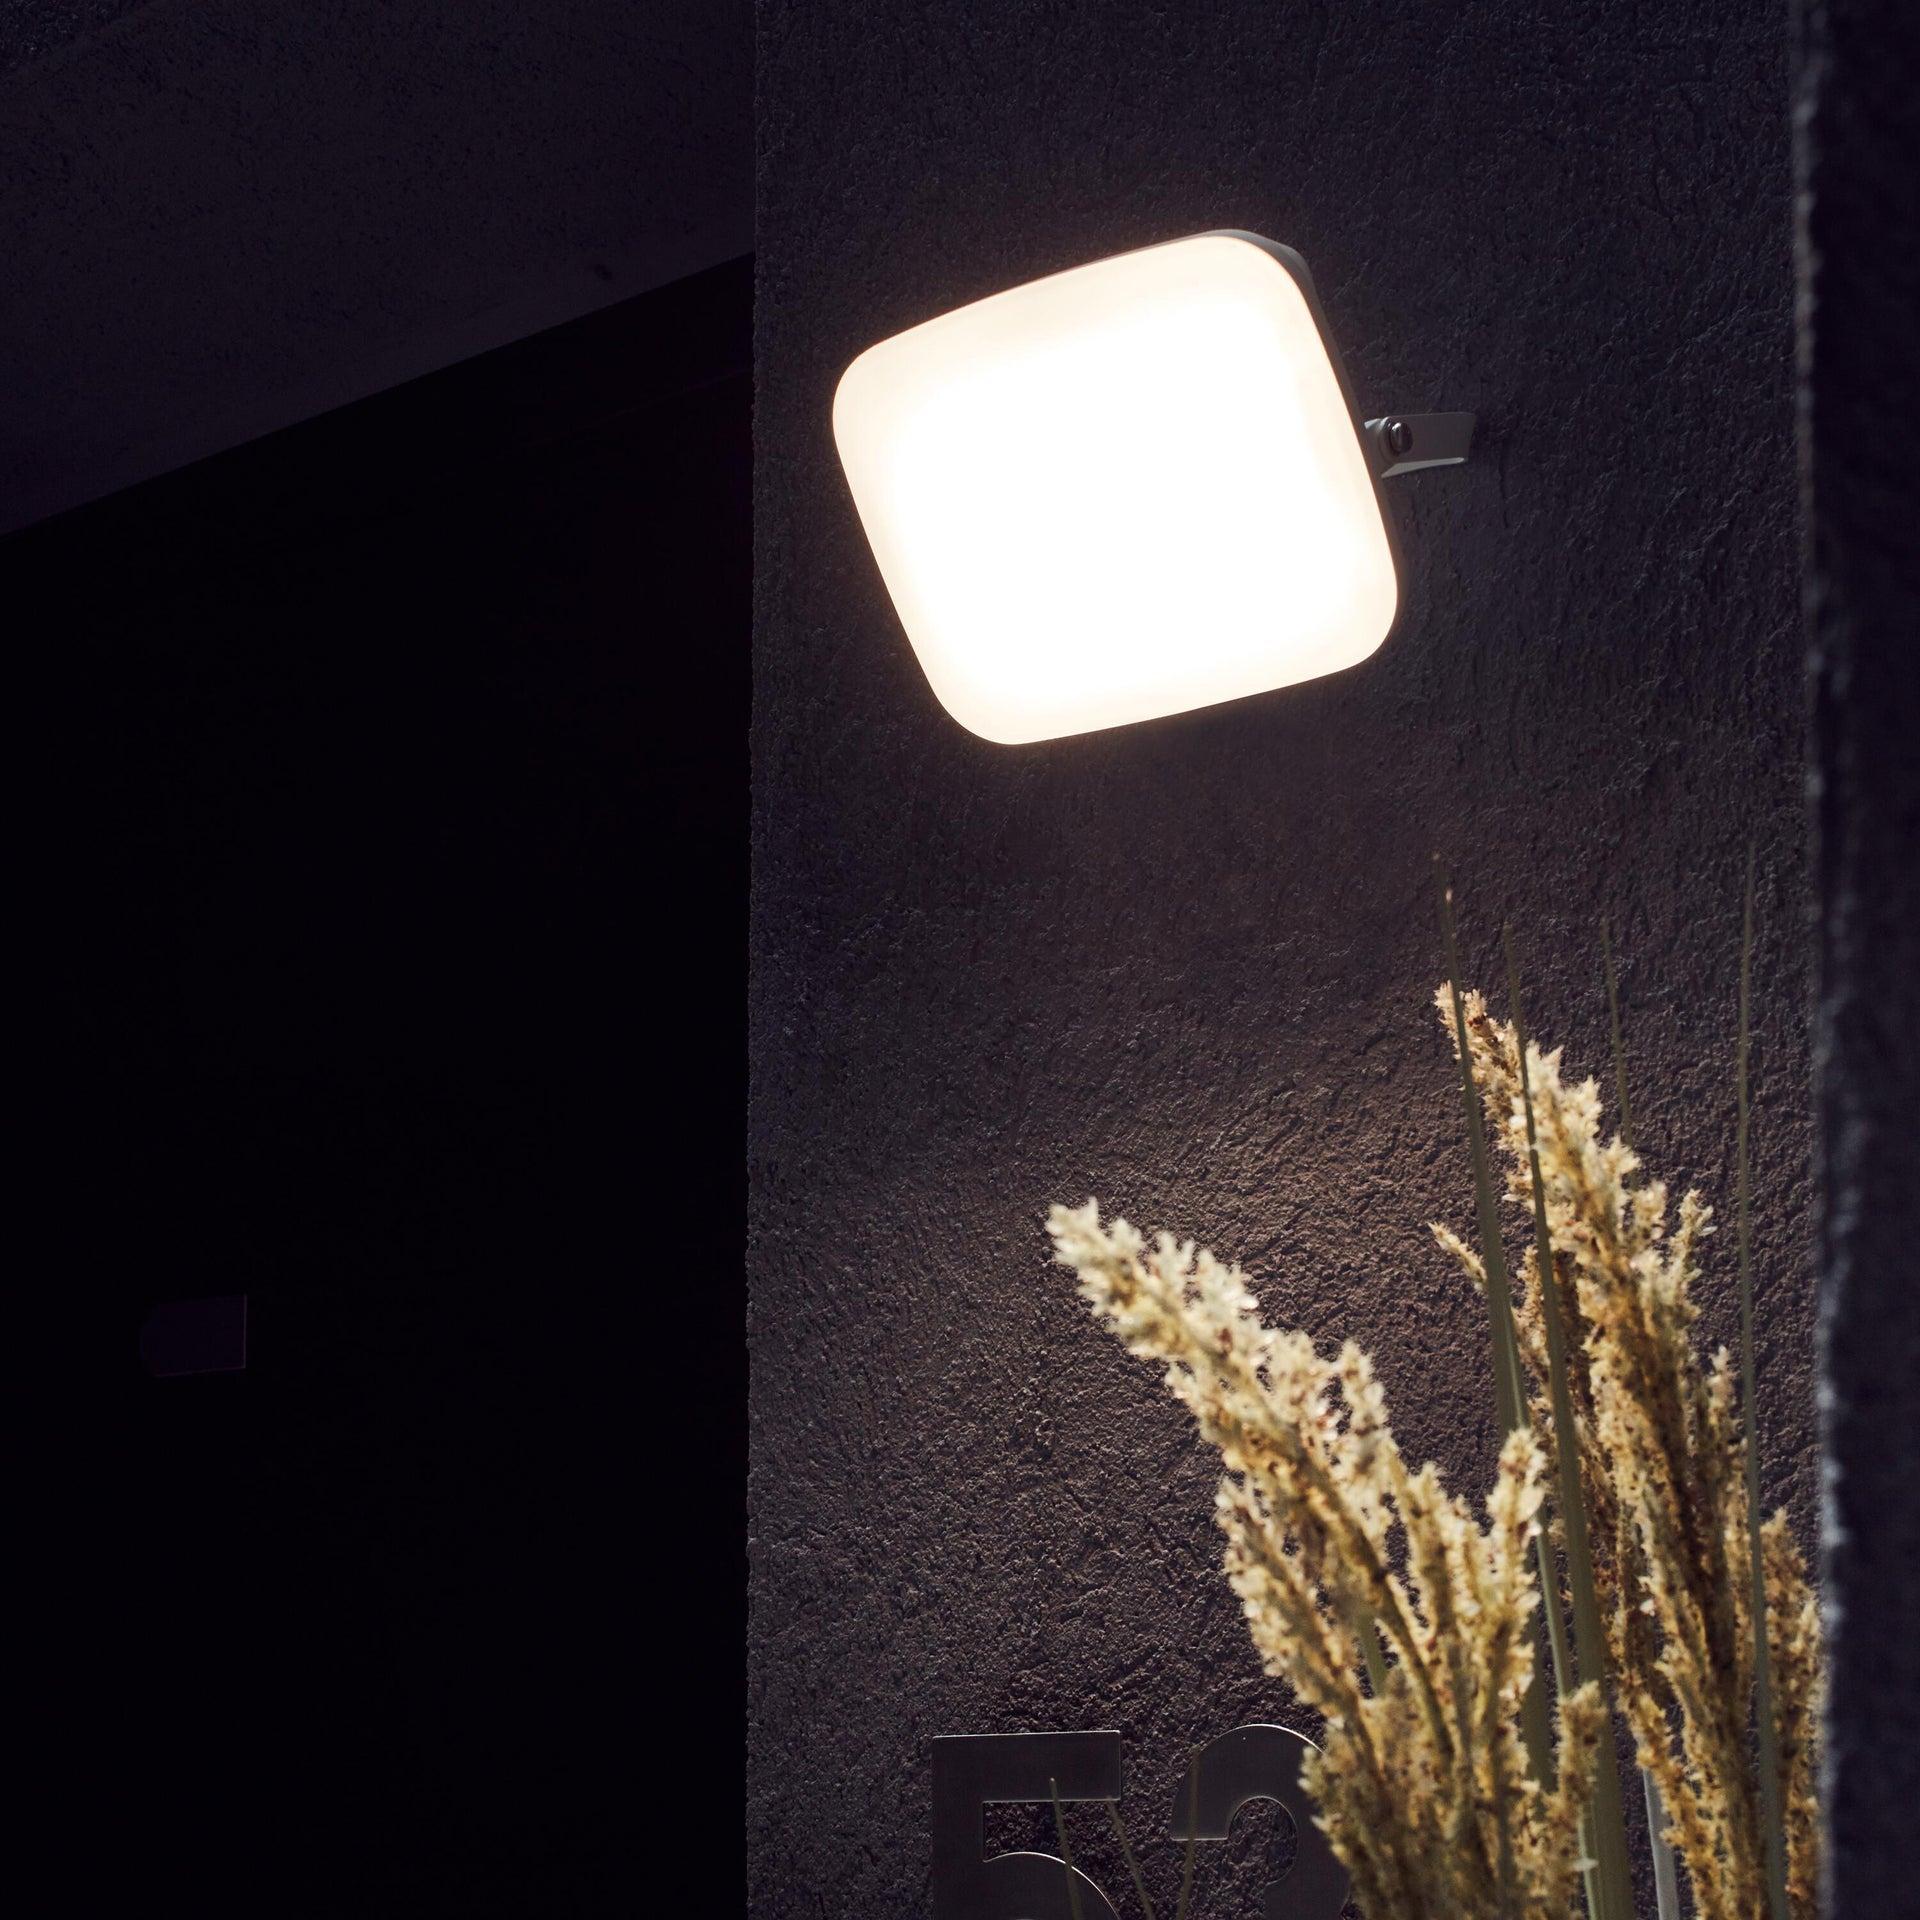 Proiettore LED integrato Kanti in alluminio, bianco, 30W 2000LM IP65 INSPIRE - 2